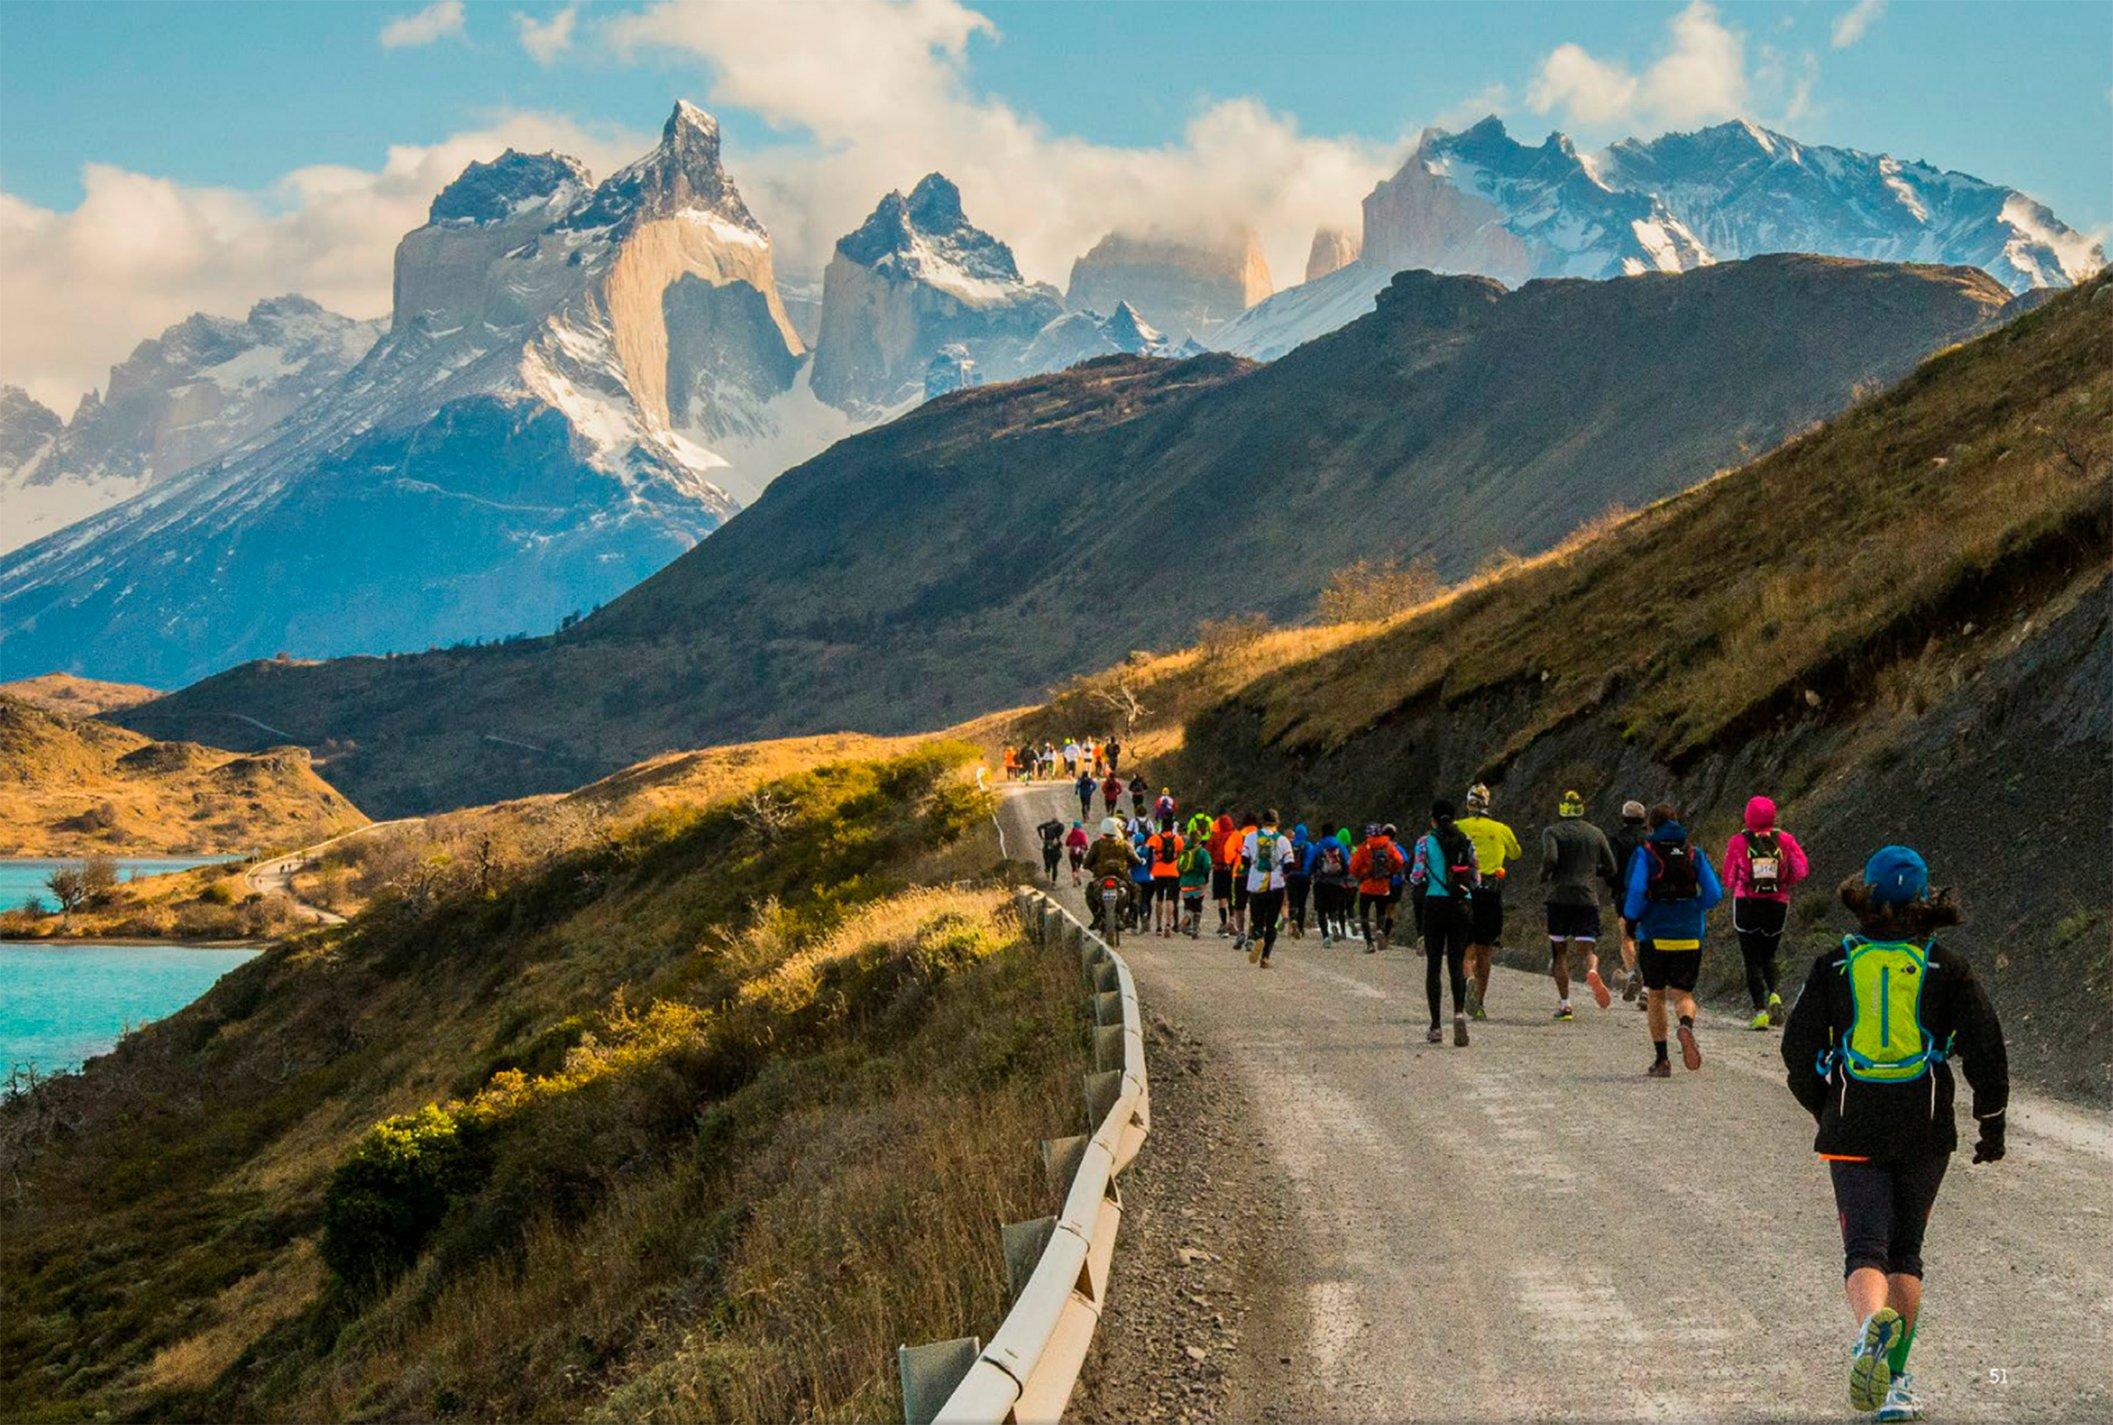 marathon in Torres del Paine